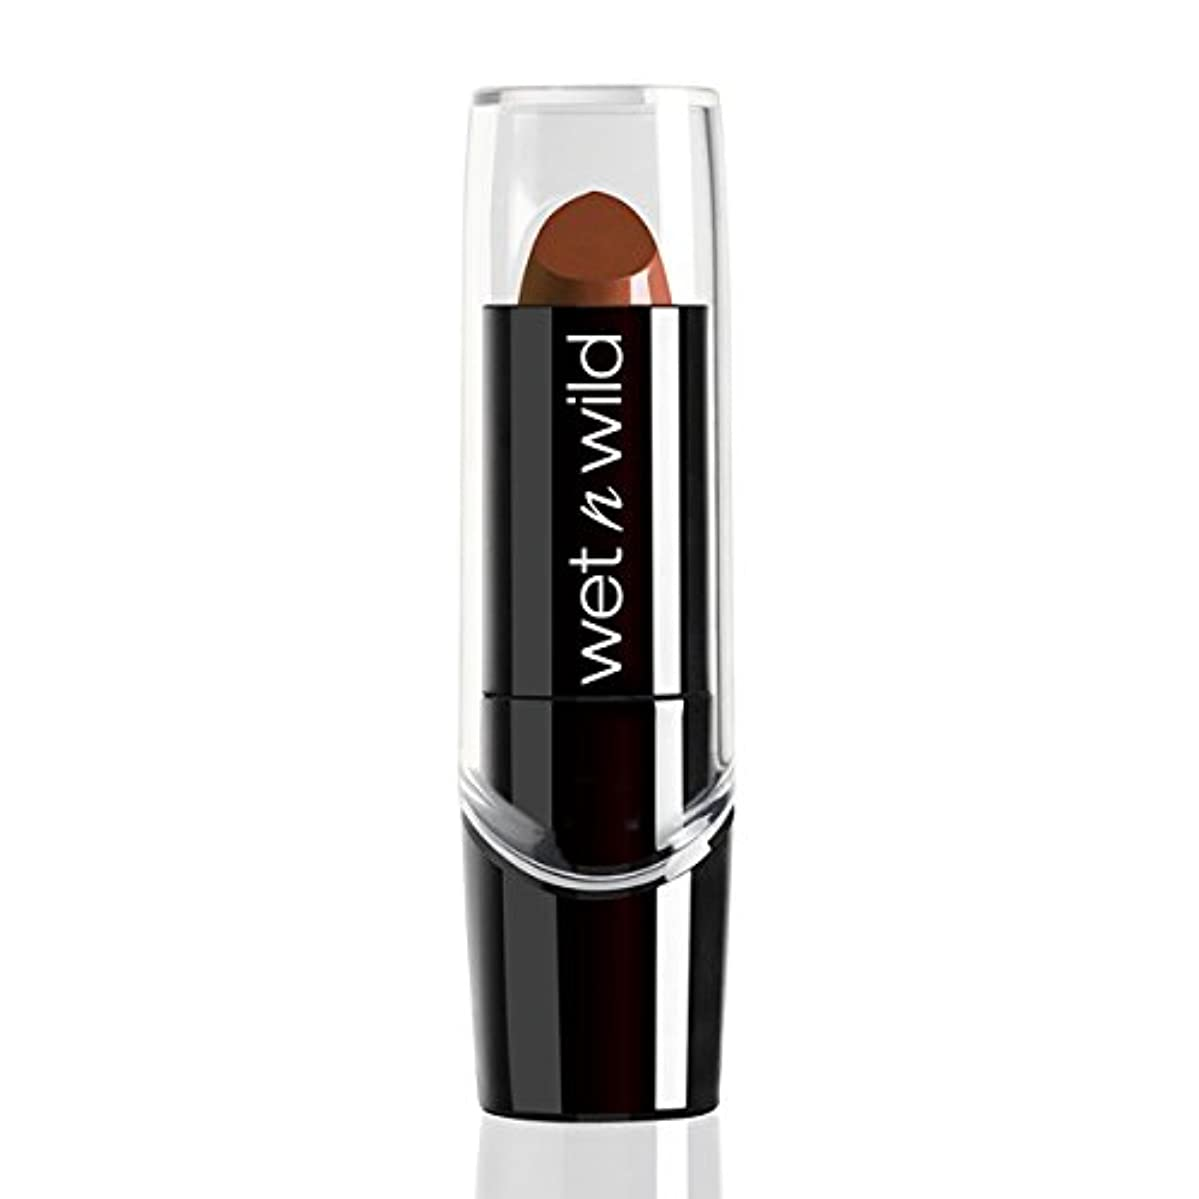 パイ意味するシンプルさWET N WILD Silk Finish Lipstick - Mink Brown (並行輸入品)